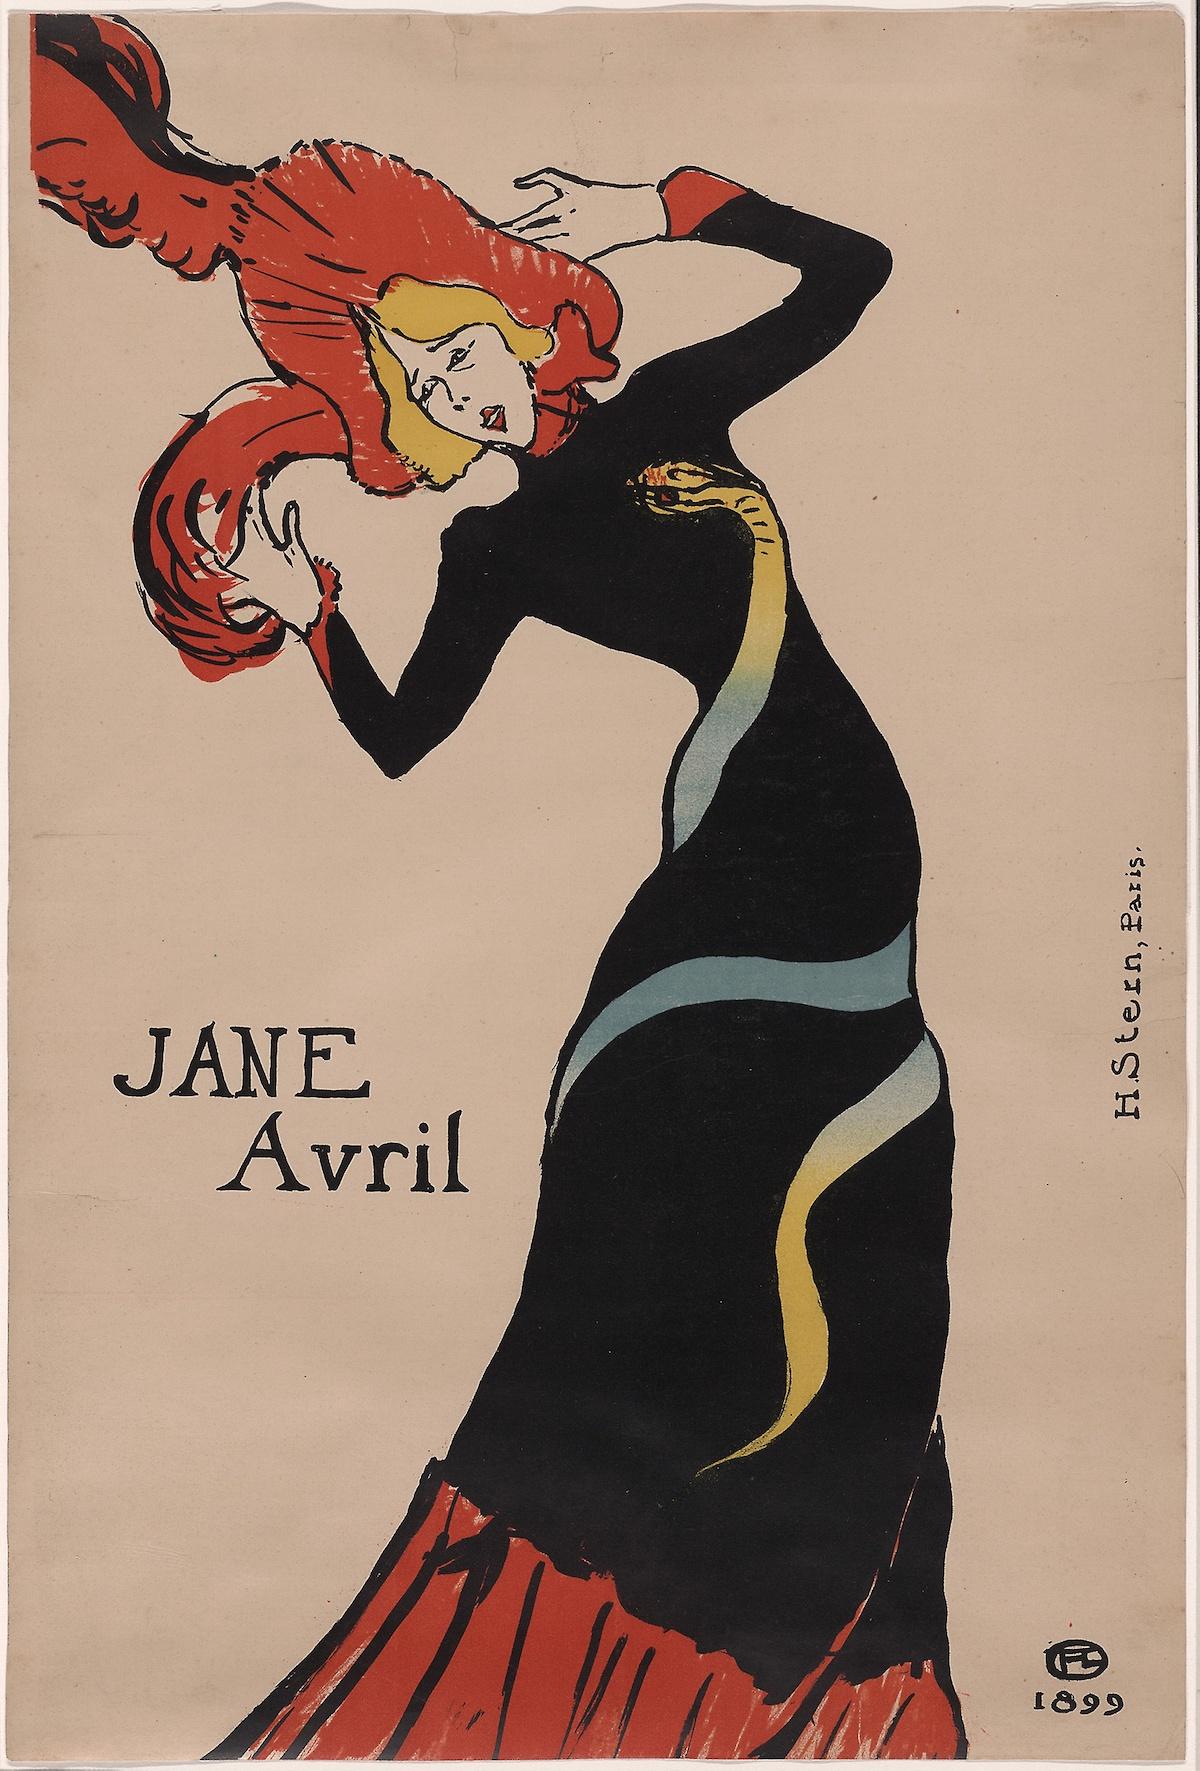 Анри де Тулуз-Лотрек, Джейн Аврил , 1899 г.ХУДОЖЕСТВЕННЫЙ ИНСТИТУТ ЧИКАГО